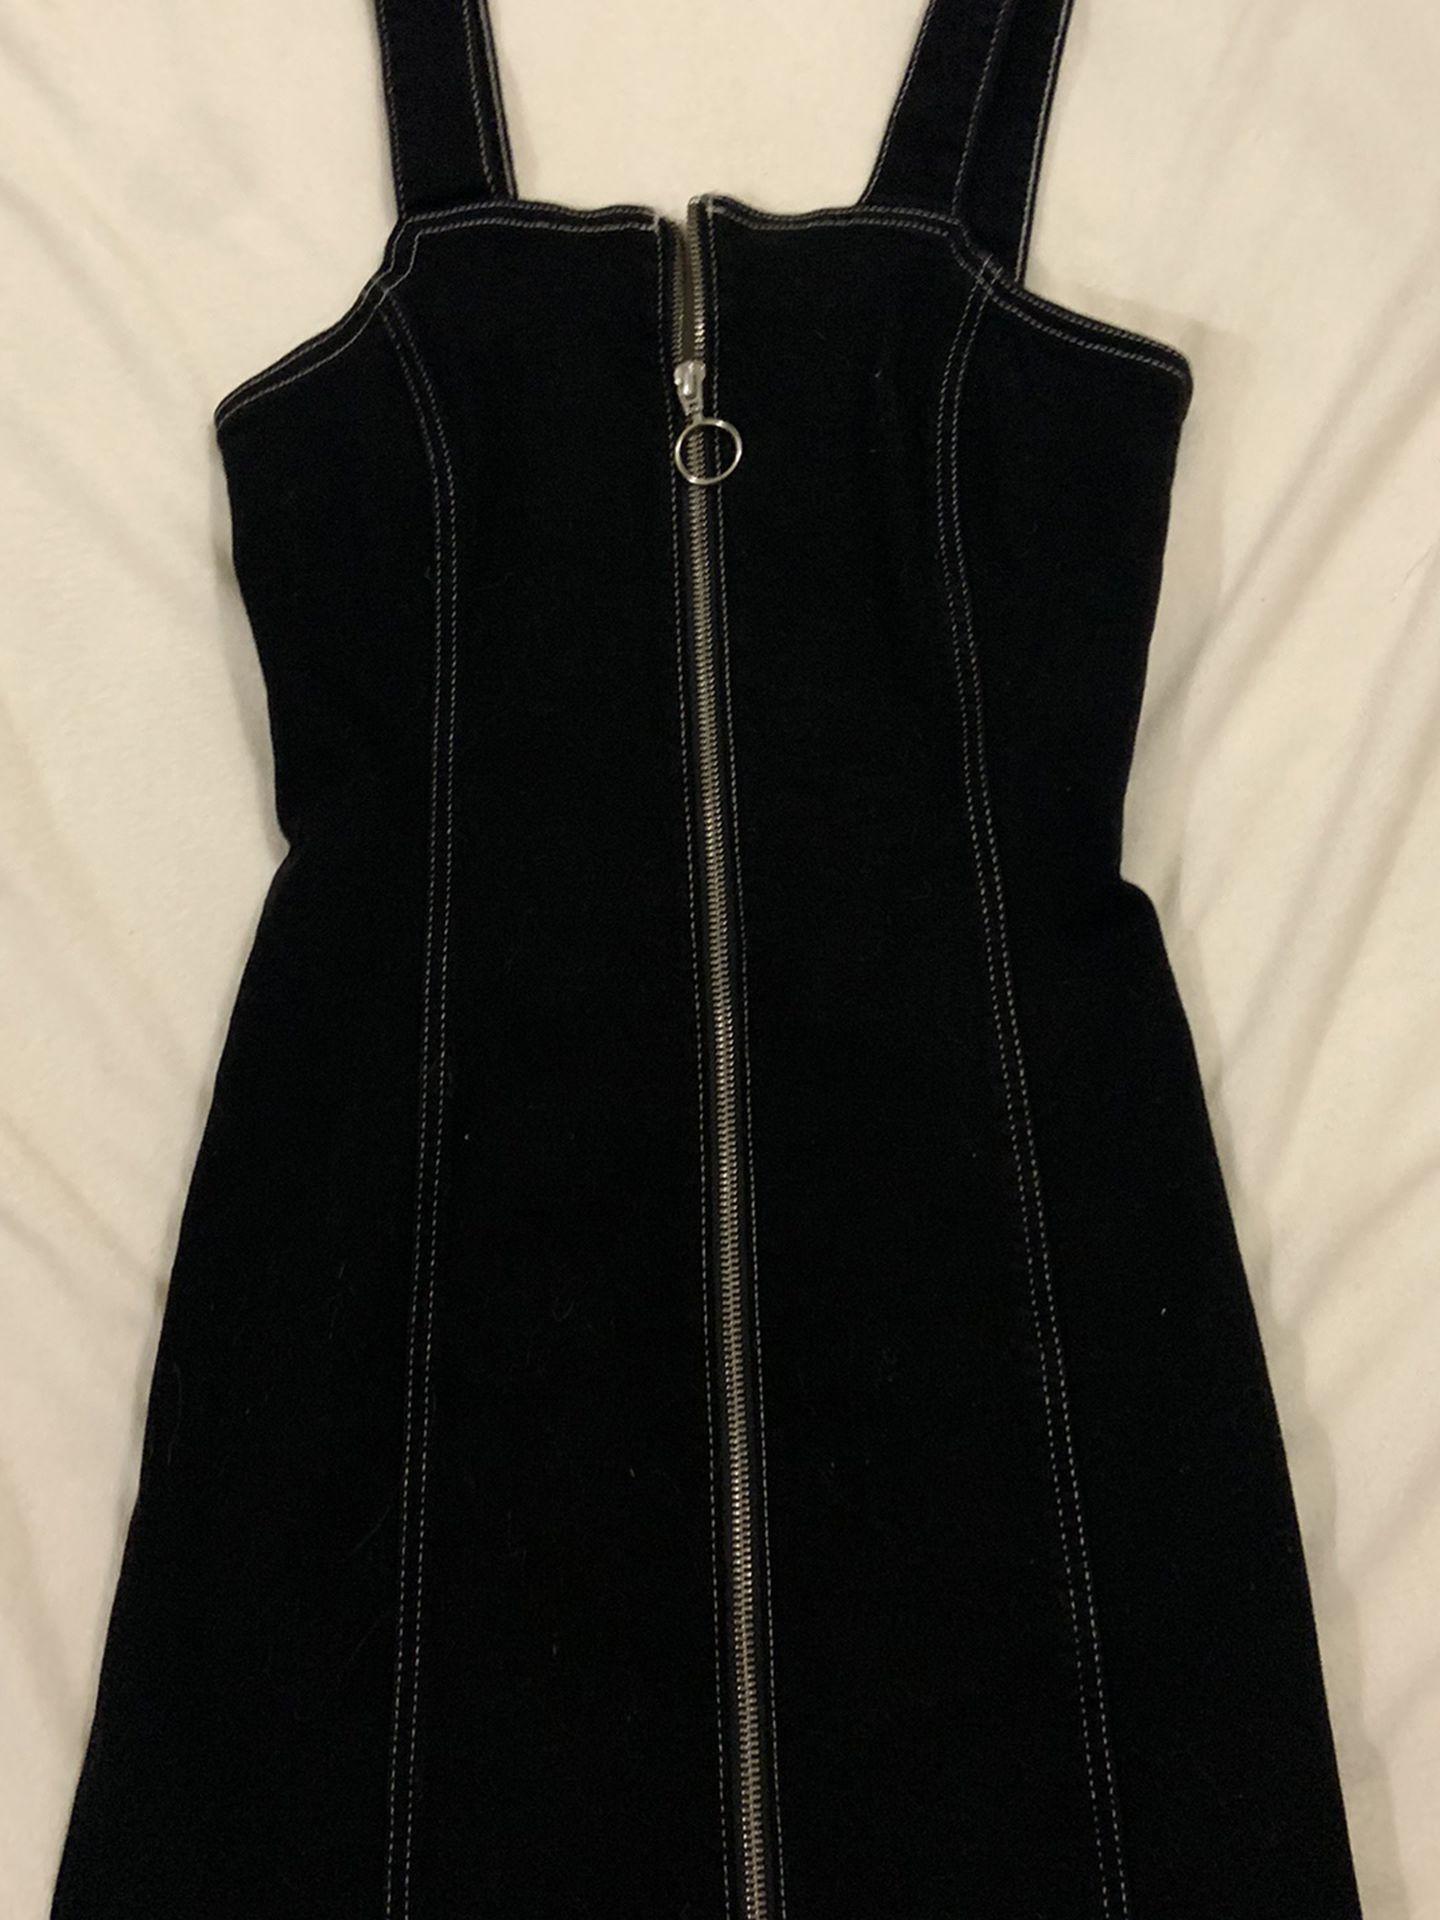 Zip Up Denim Dress